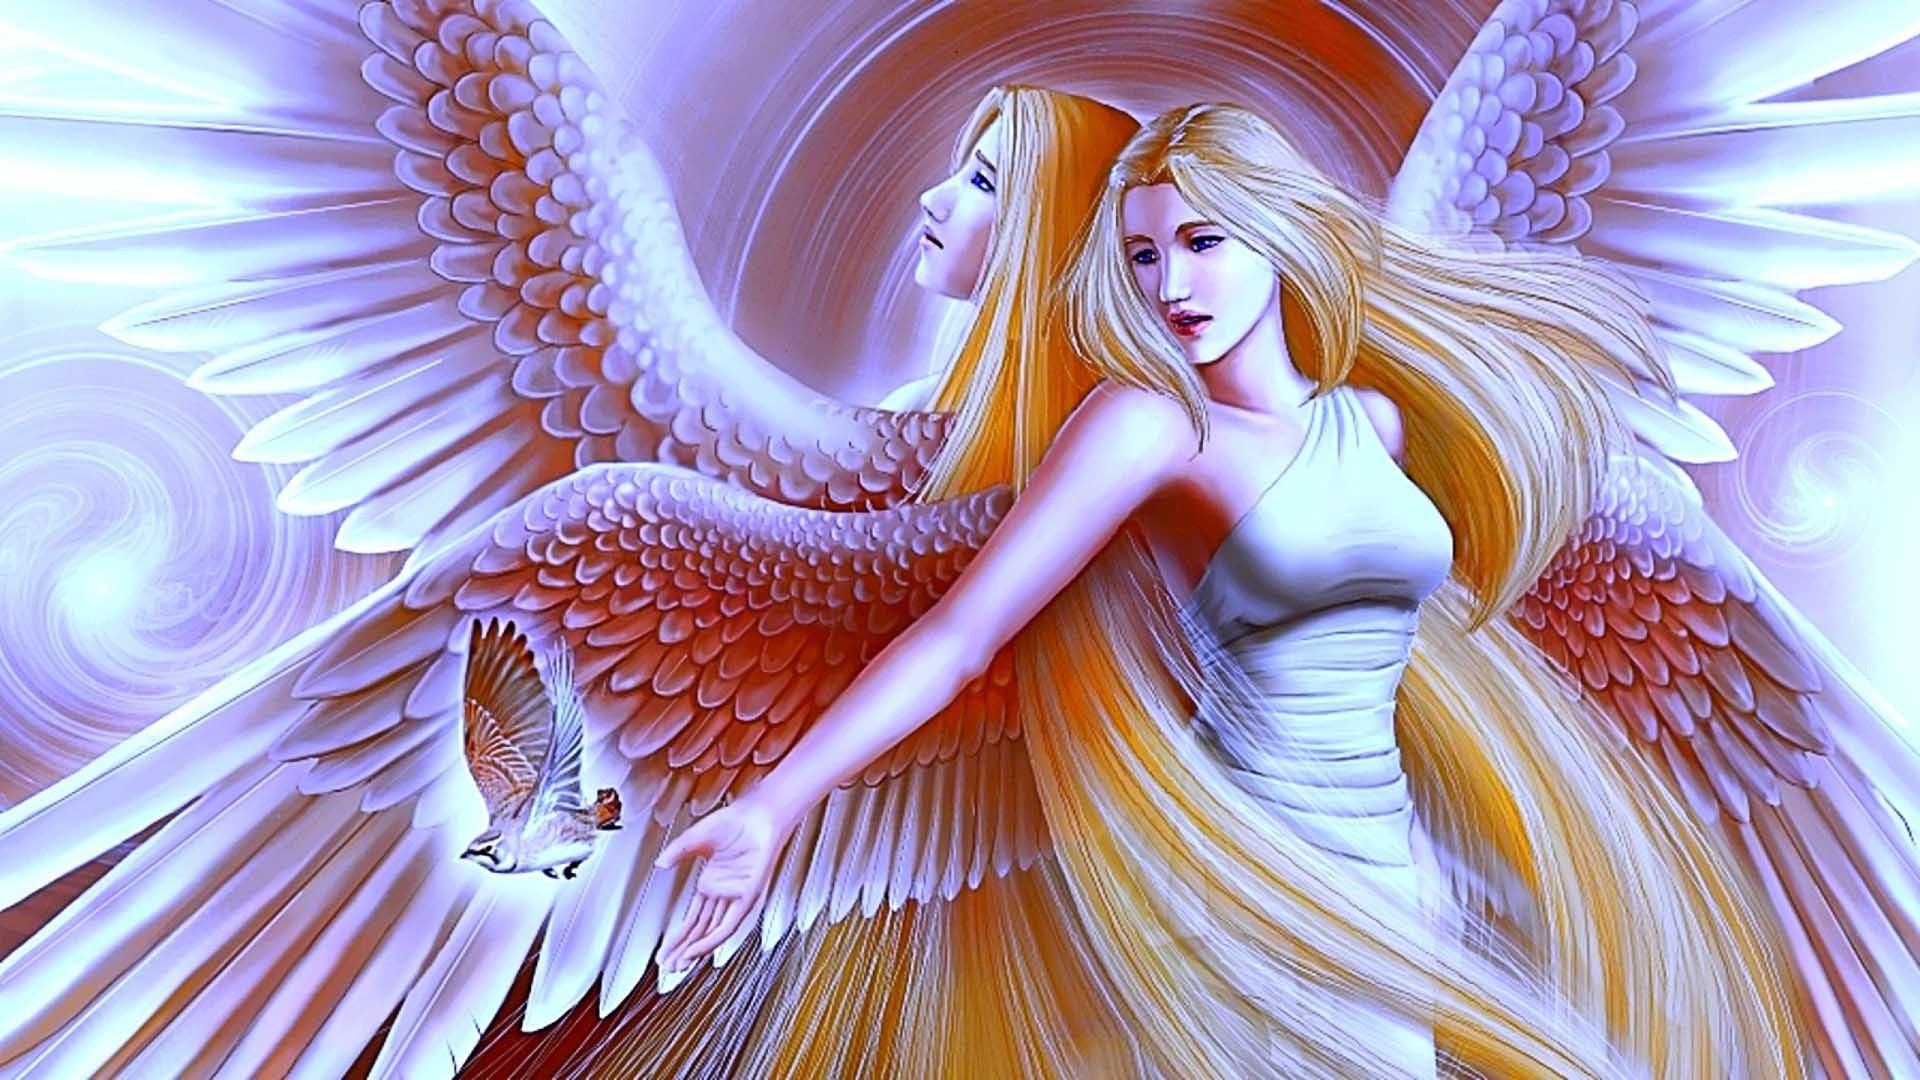 Angel Desktop Backgrounds (59+ images)